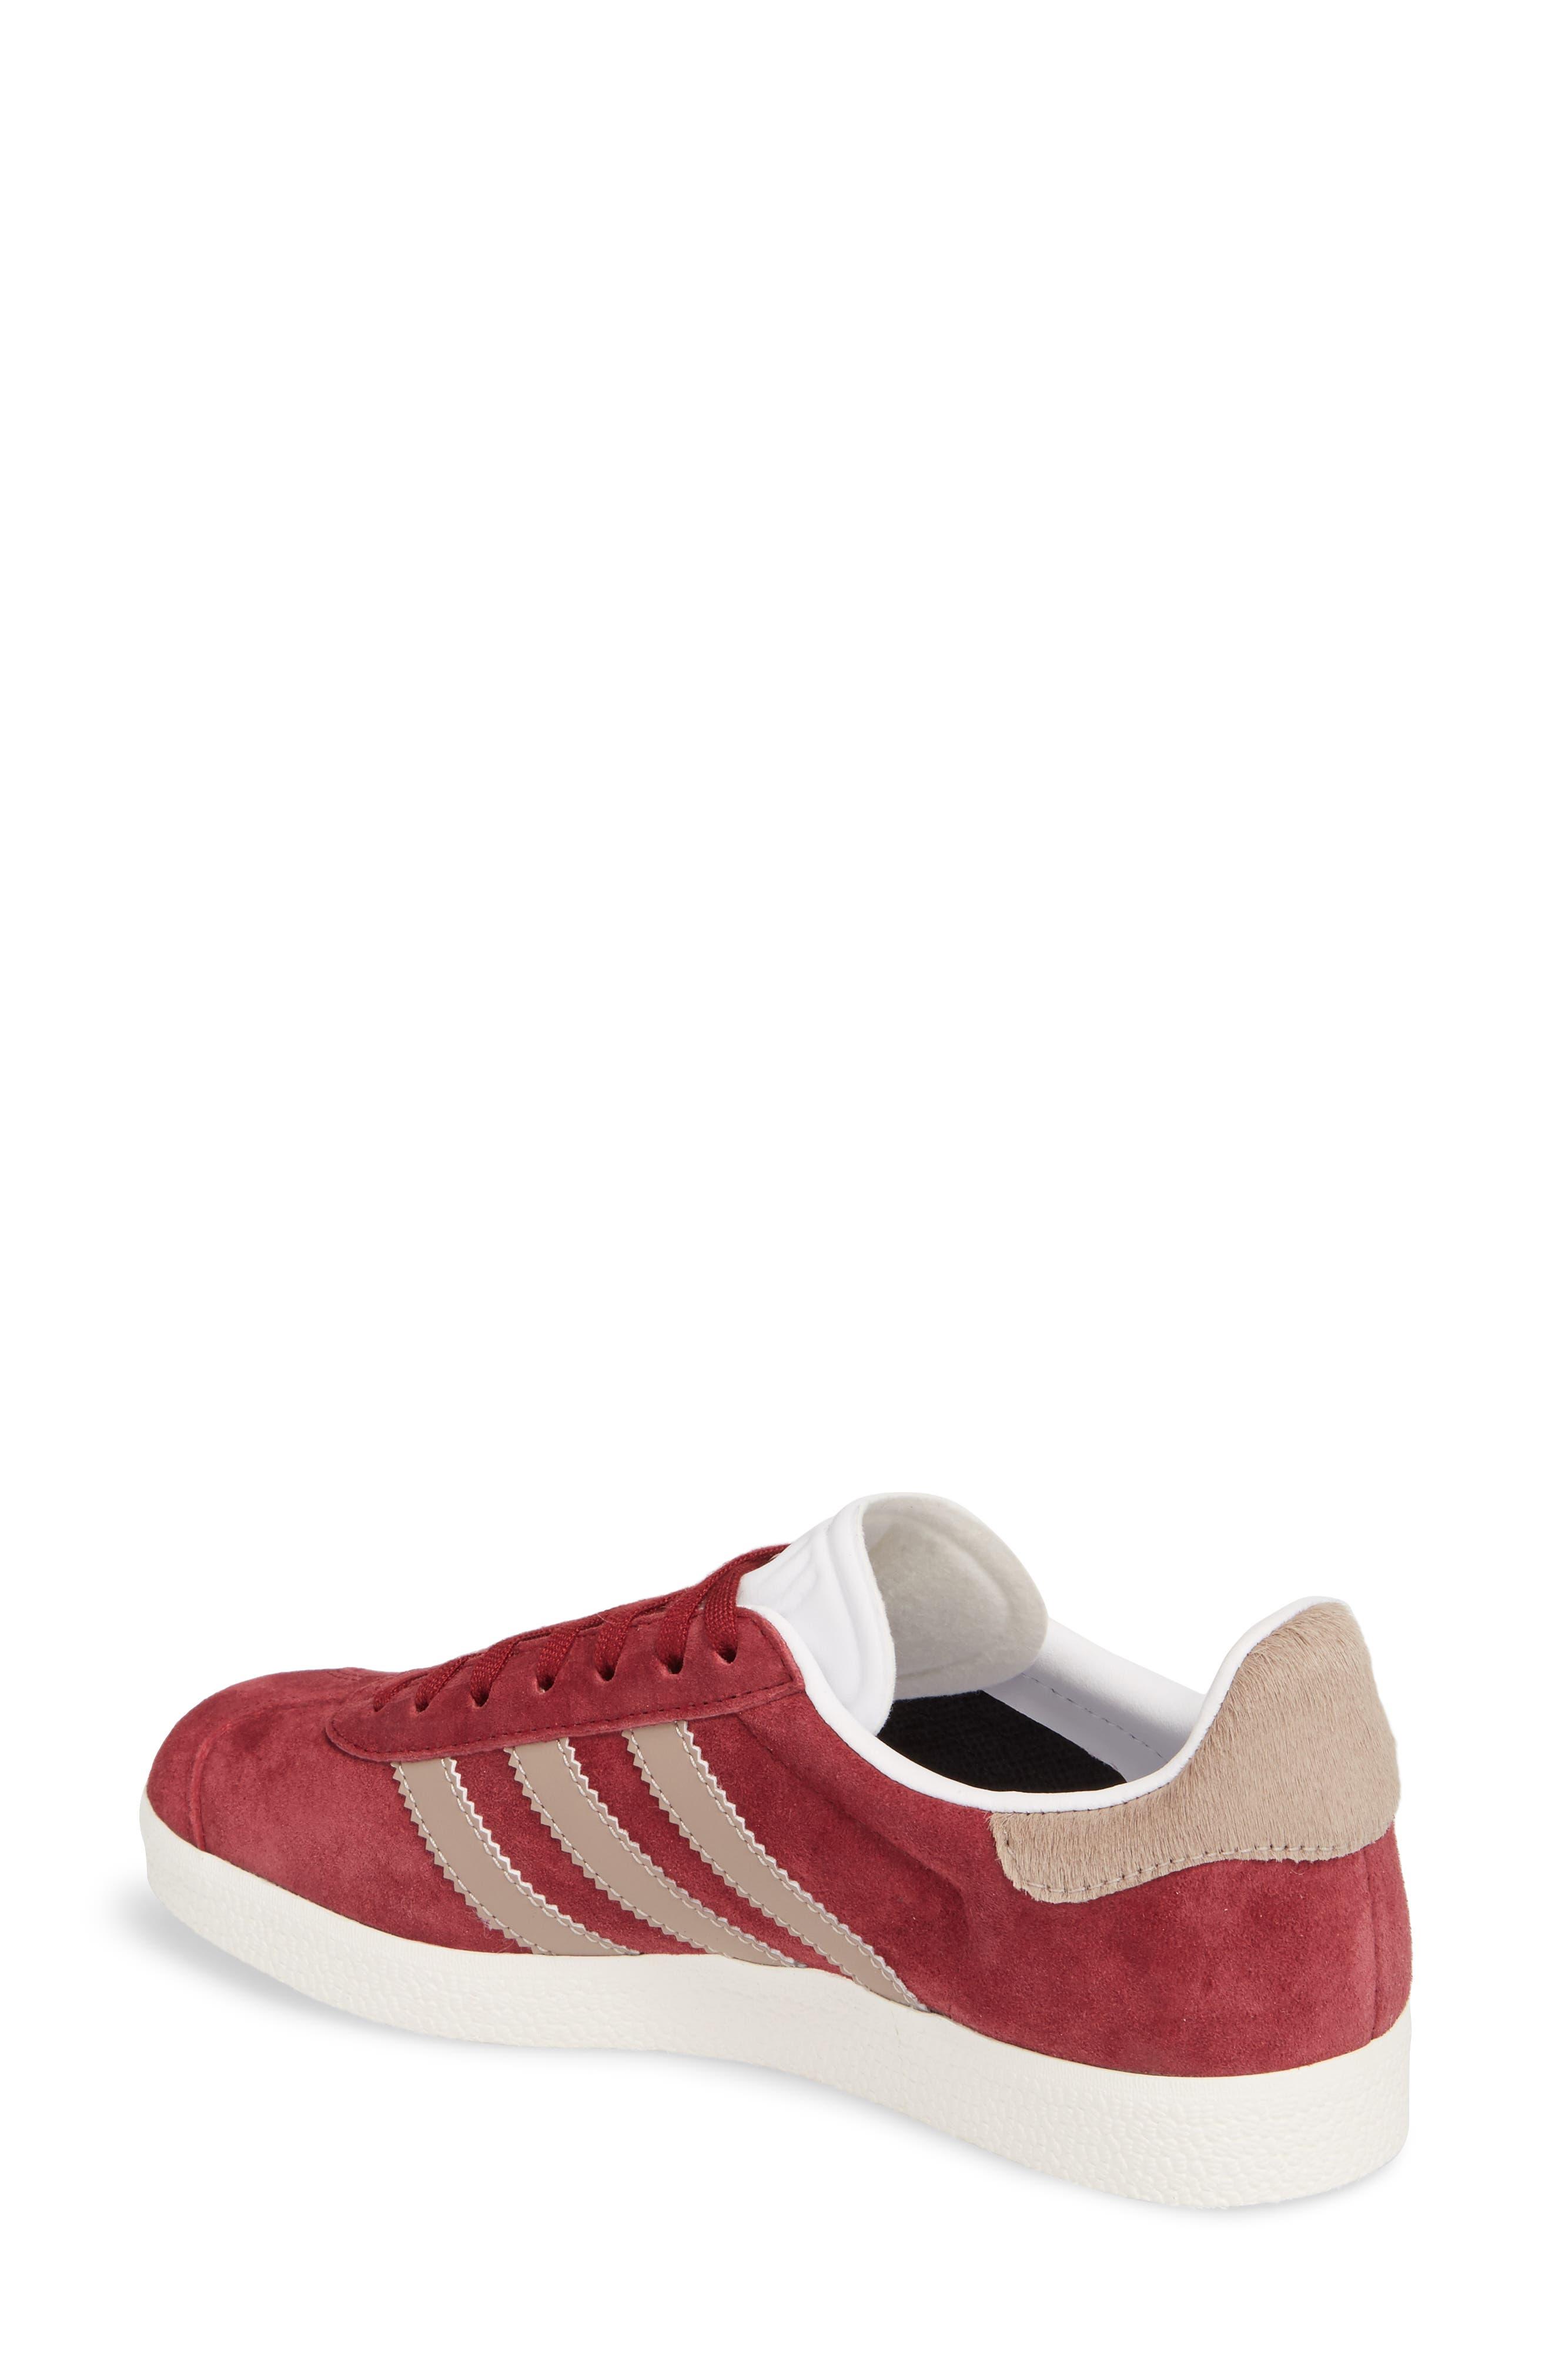 Gazelle Sneaker,                             Alternate thumbnail 2, color,                             Burgundy/ Vapour Grey/ White